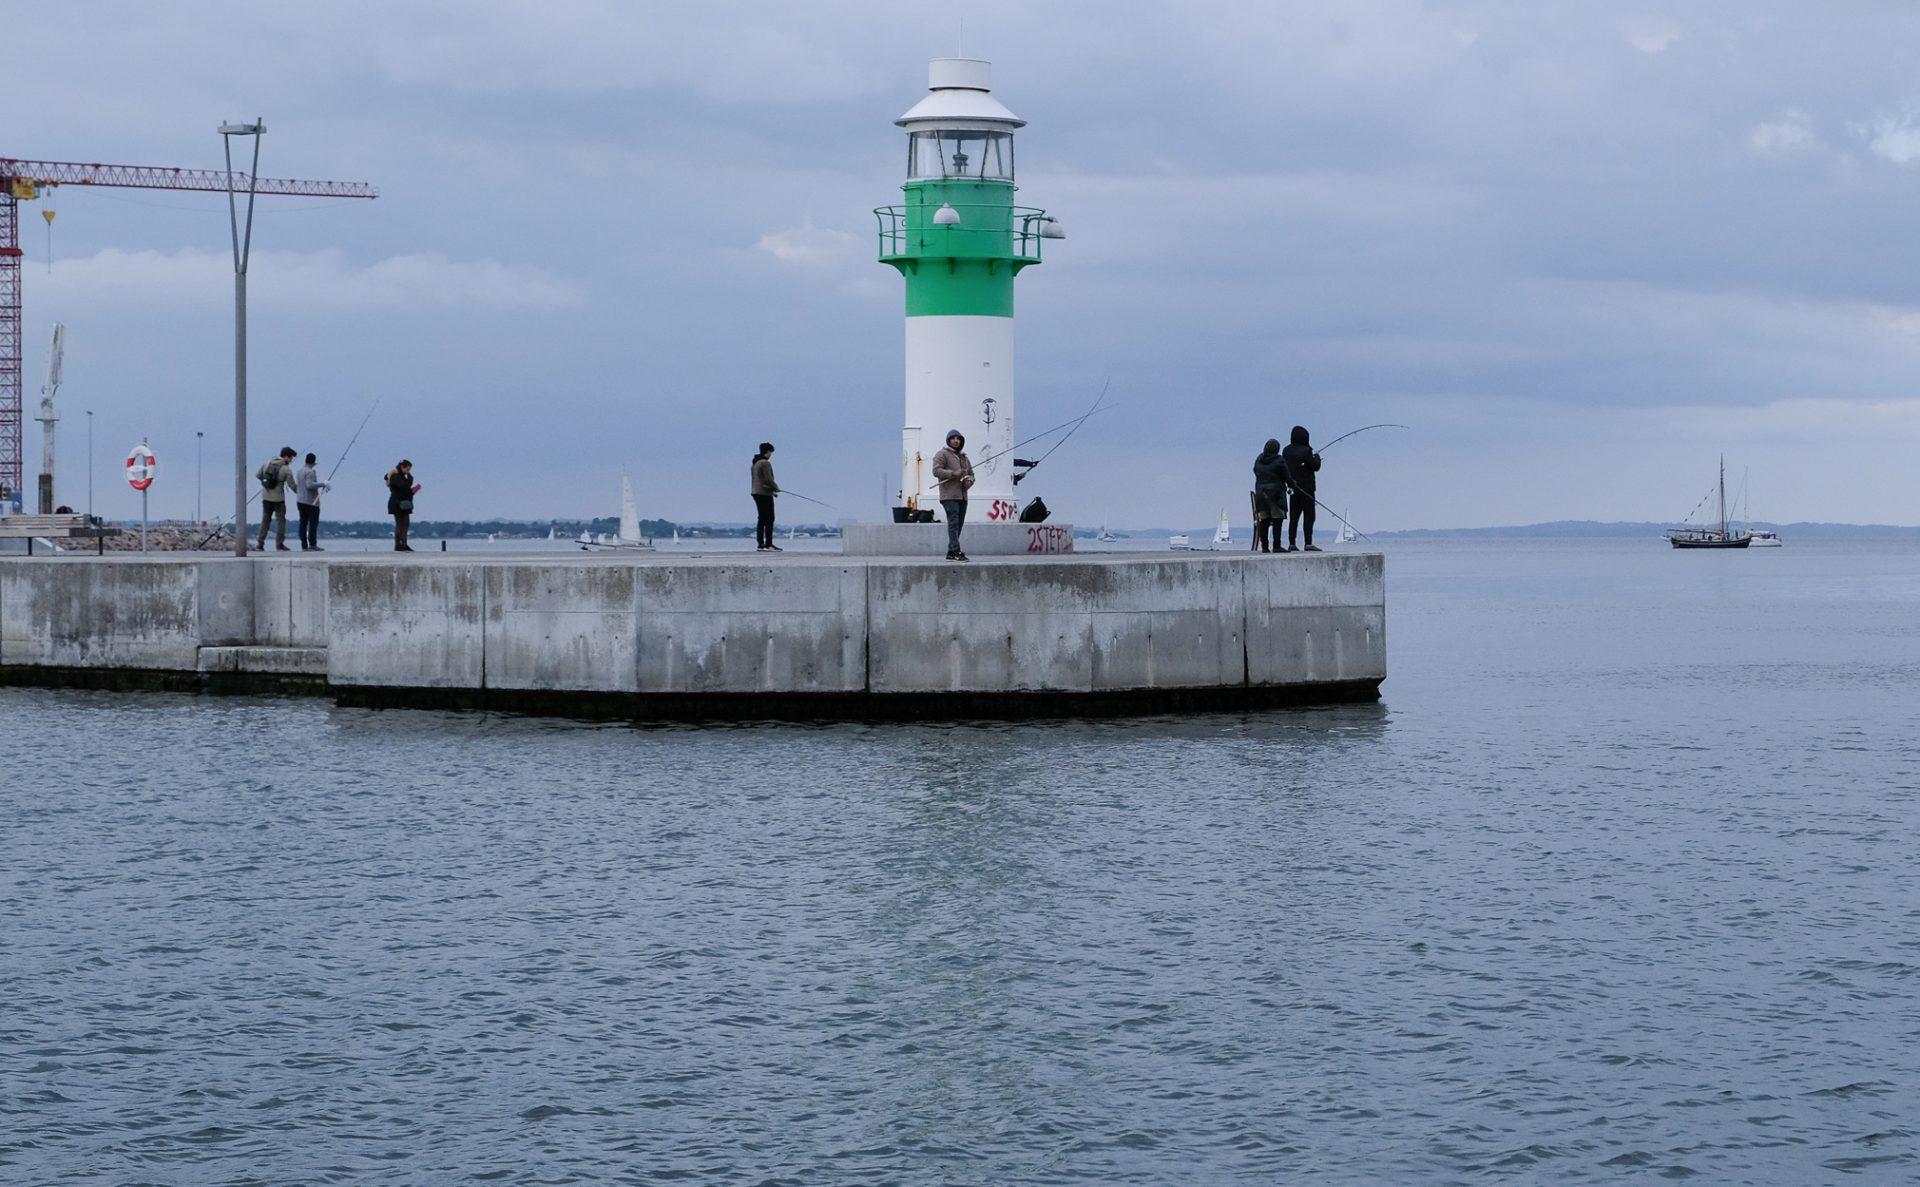 Aarhus Sail Event: Se Aarhus fra søsiden med havnerundfart på M/S Tunø